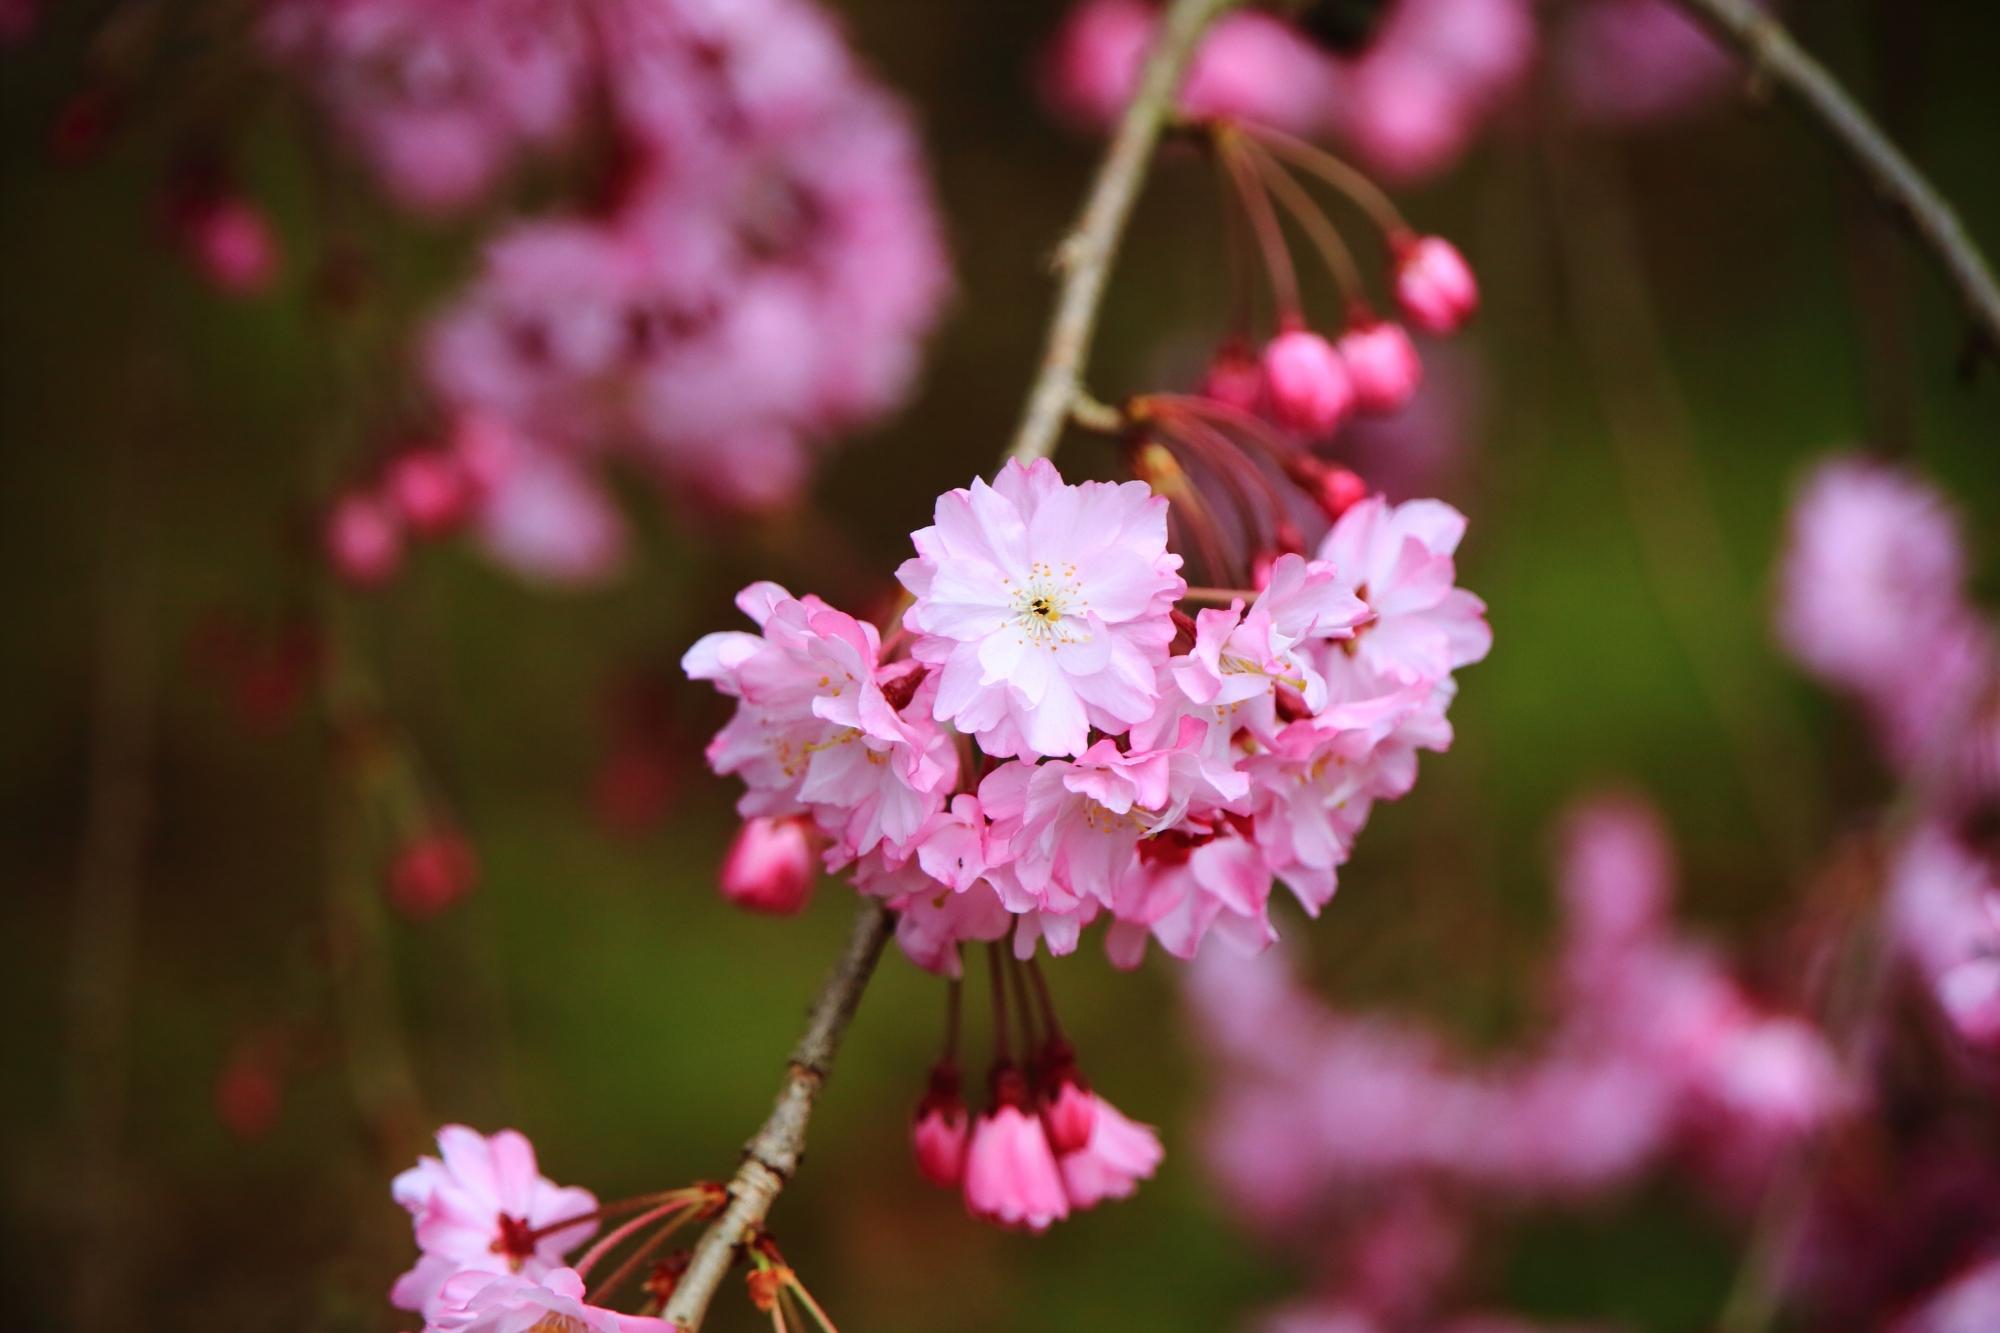 上品蓮台寺の繊細で可憐な花